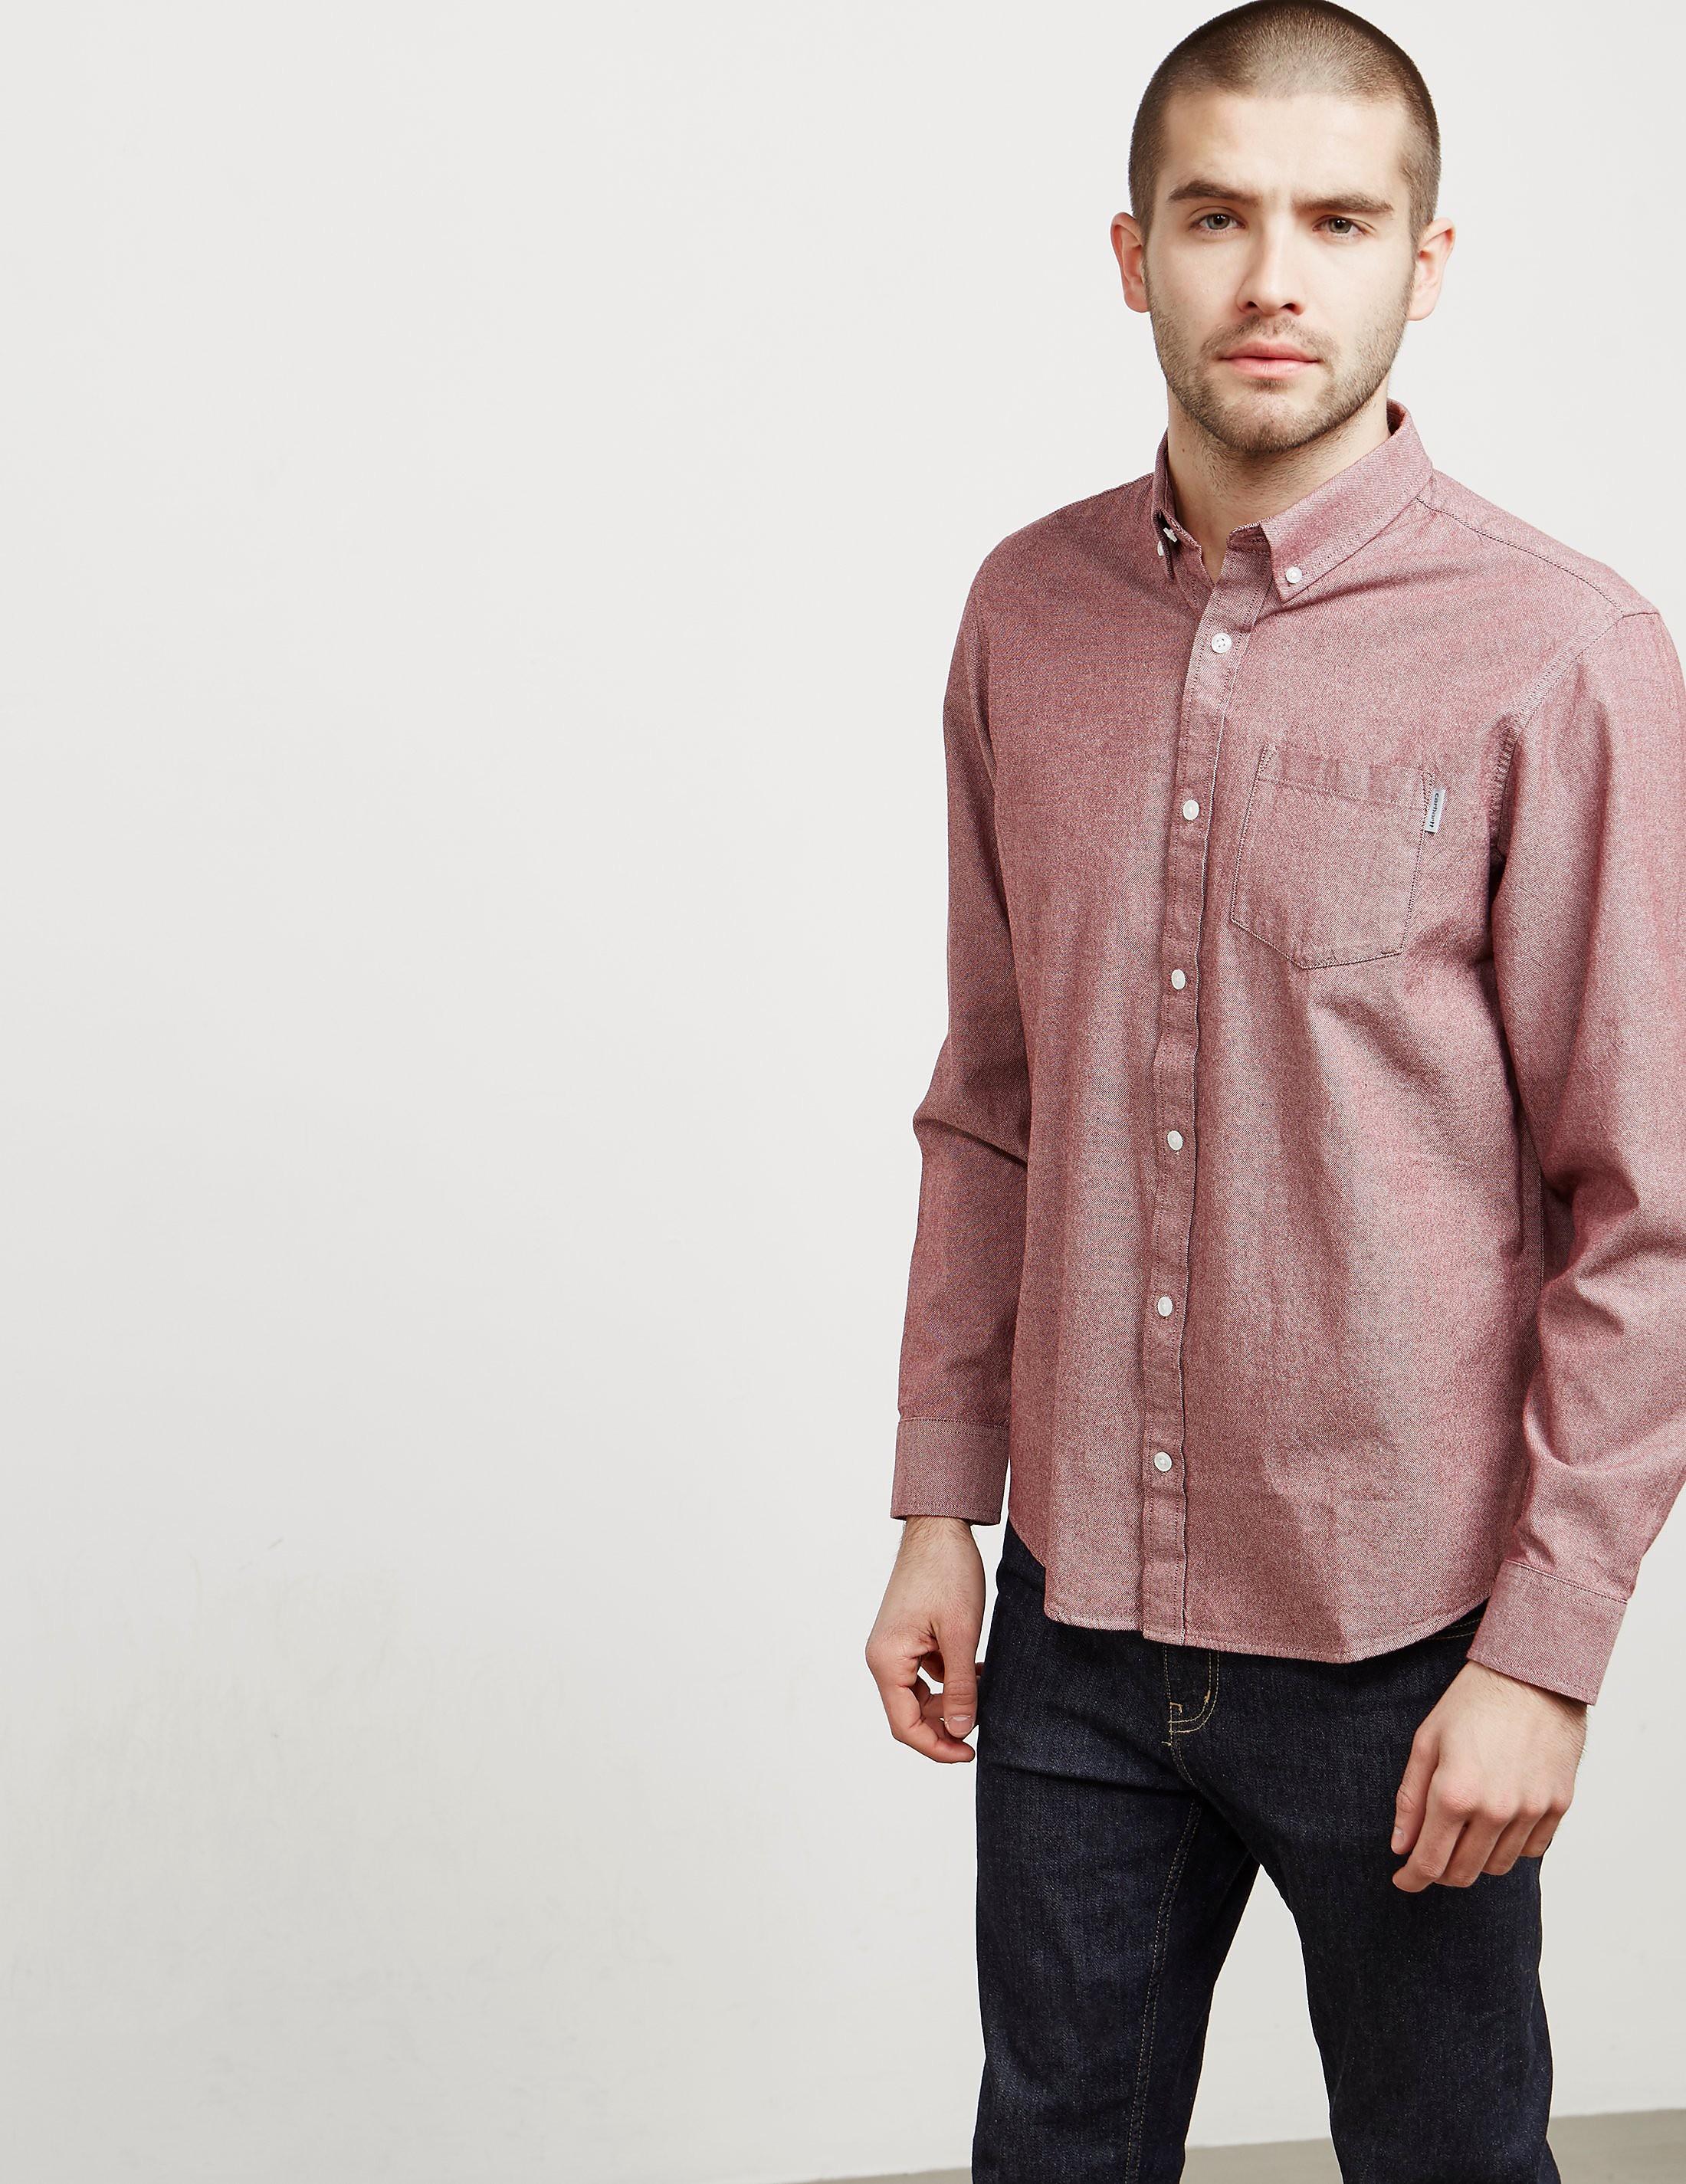 Carhartt WIP Dalton Long Sleeve Shirt